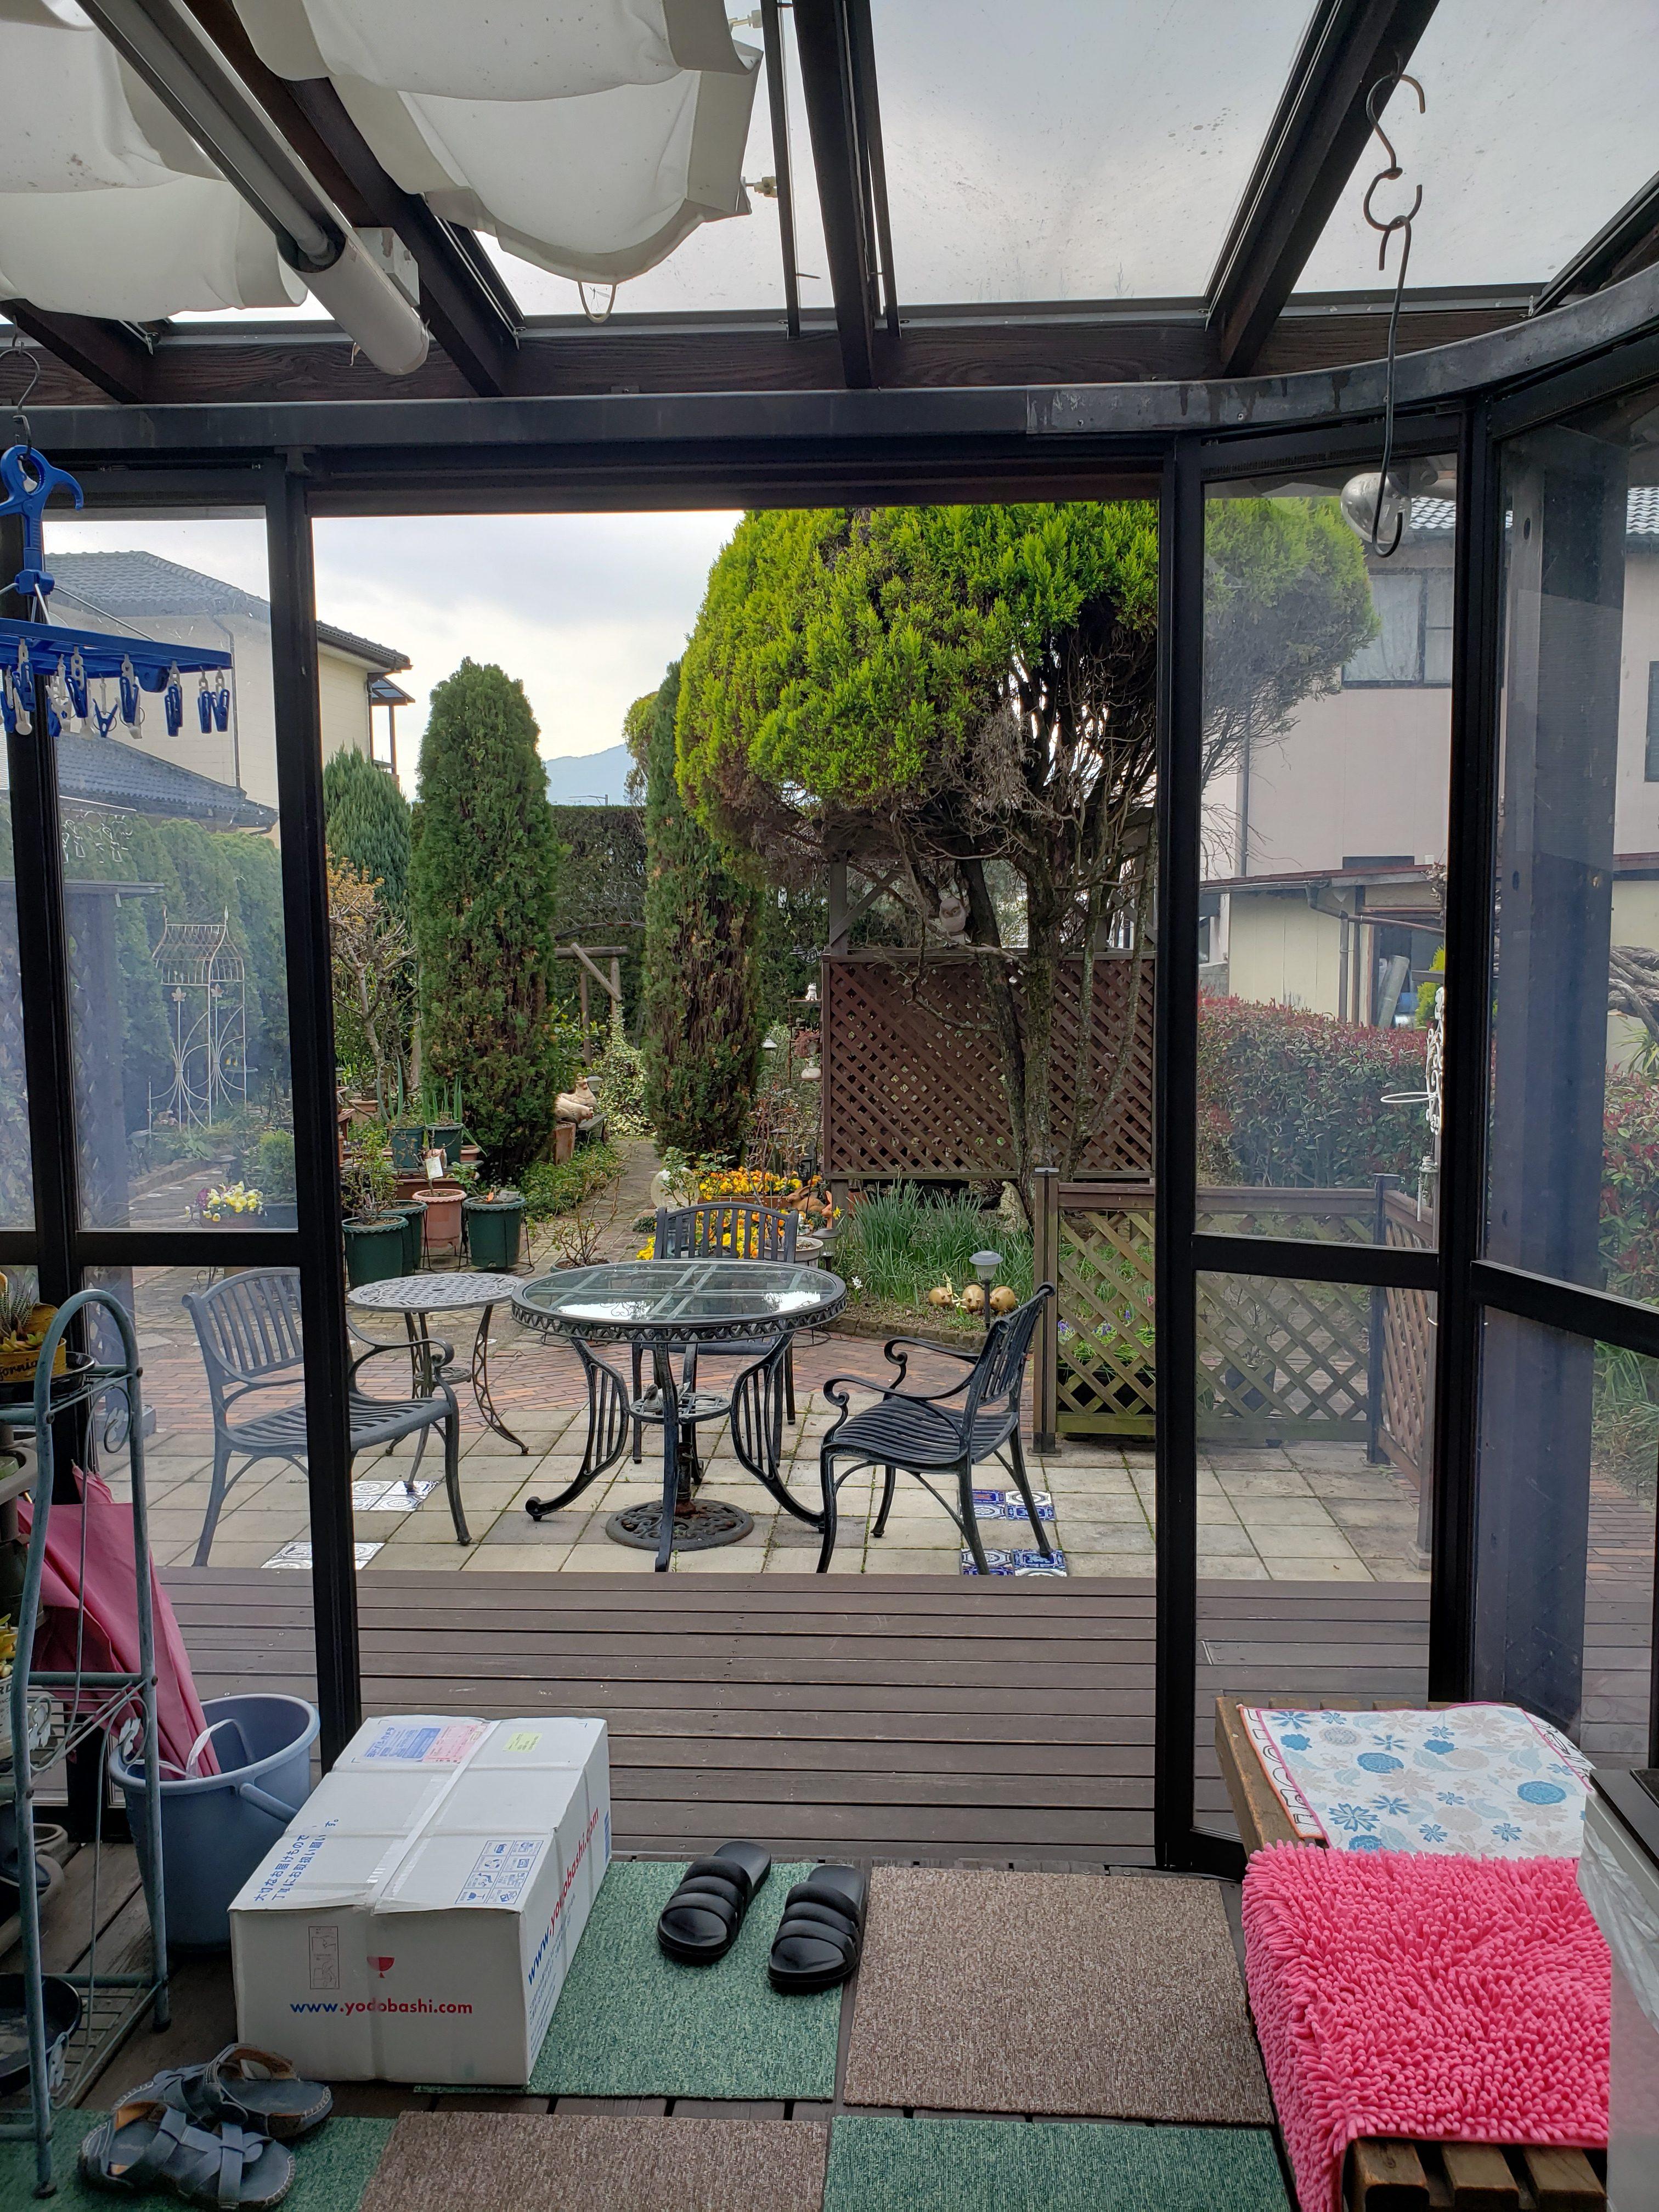 初代サンルーム 取替工事 1 ギャラリーパティオの現場ブログ メイン写真